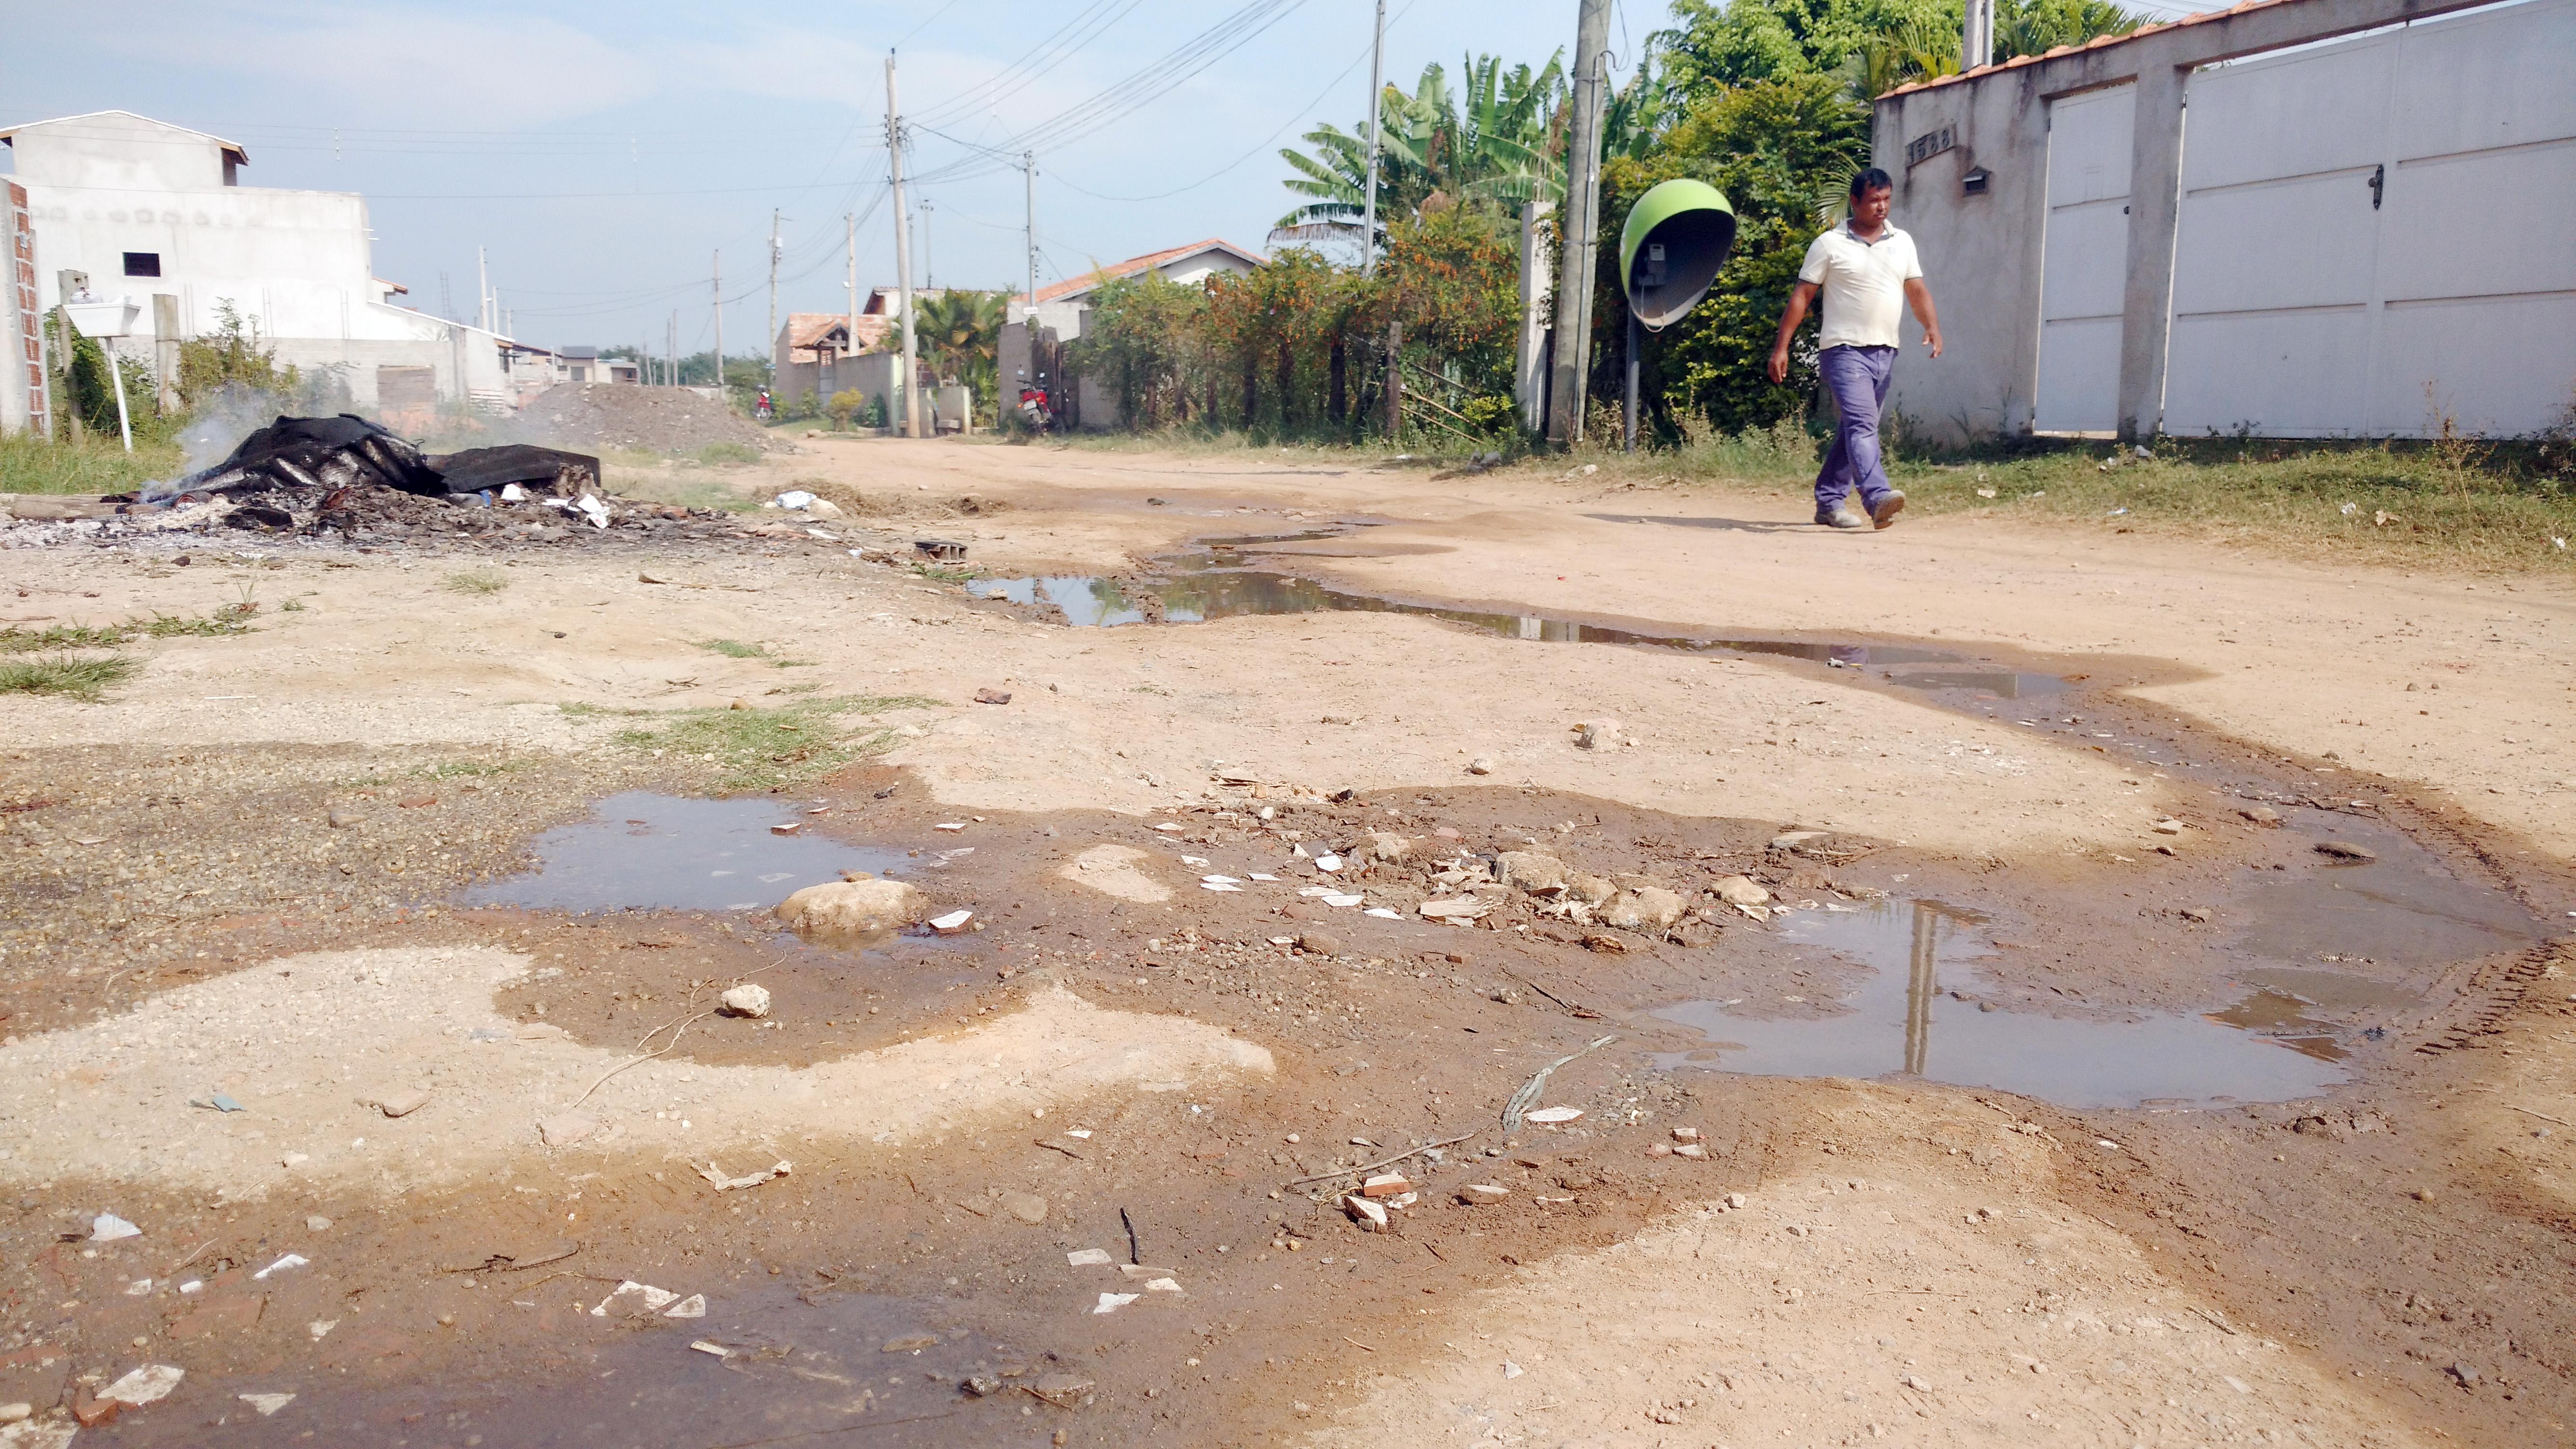 Esgoto corre pelas ruas do Santa Edwiges; irritados, moradores cobram Saae por implantação de sistema (Rafael Rodrigues)